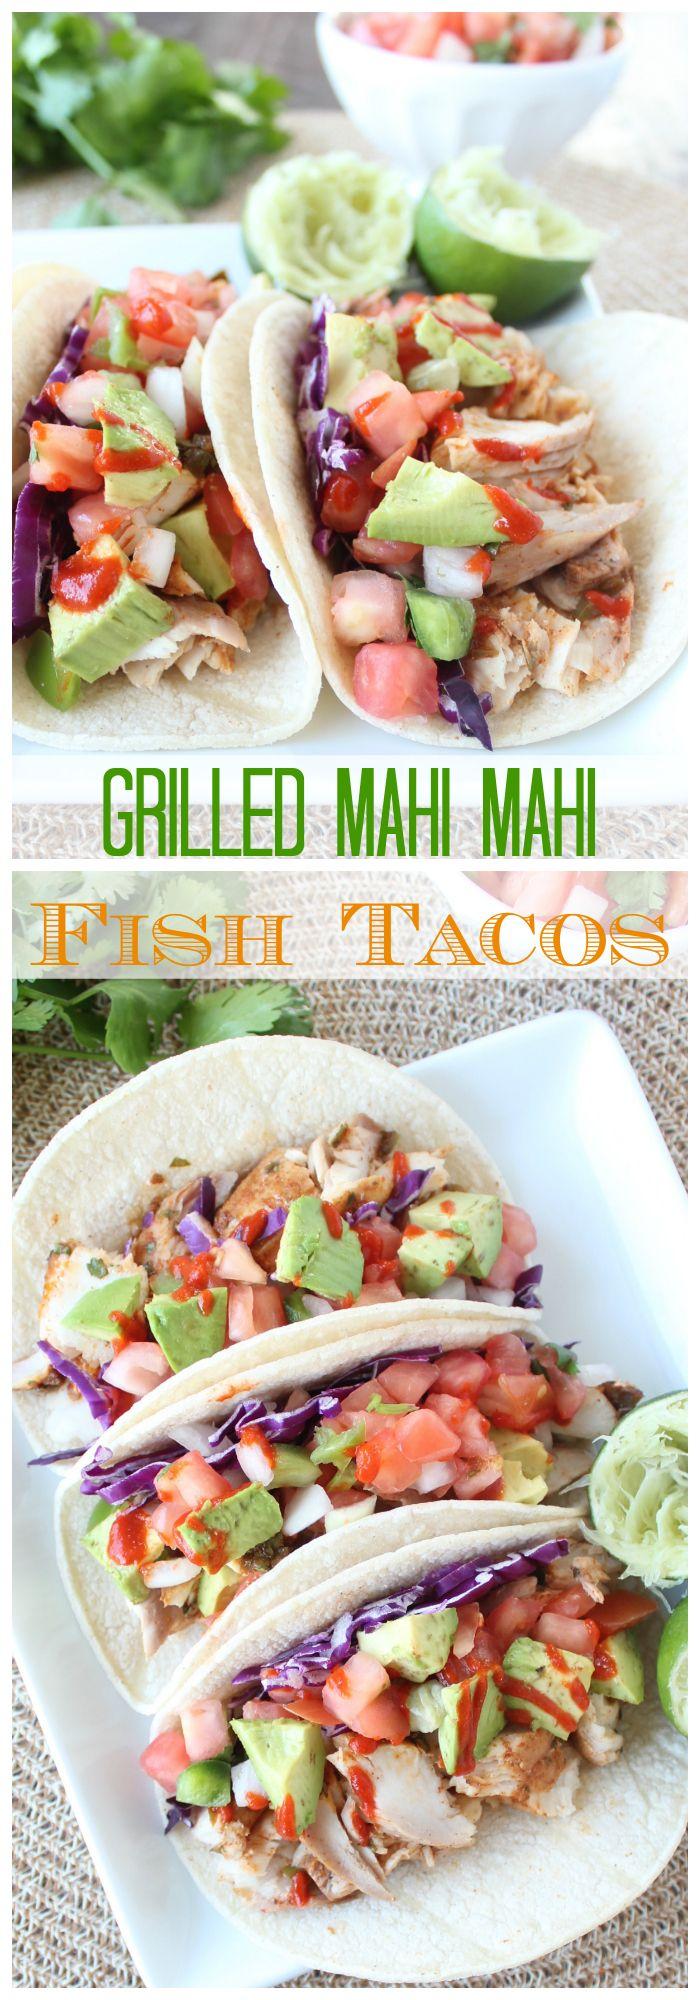 Cilantro Lime Jalapeno Mahi Mahi Fish Tacos Grilled on the #WorldMarket Mini BBQ Grill